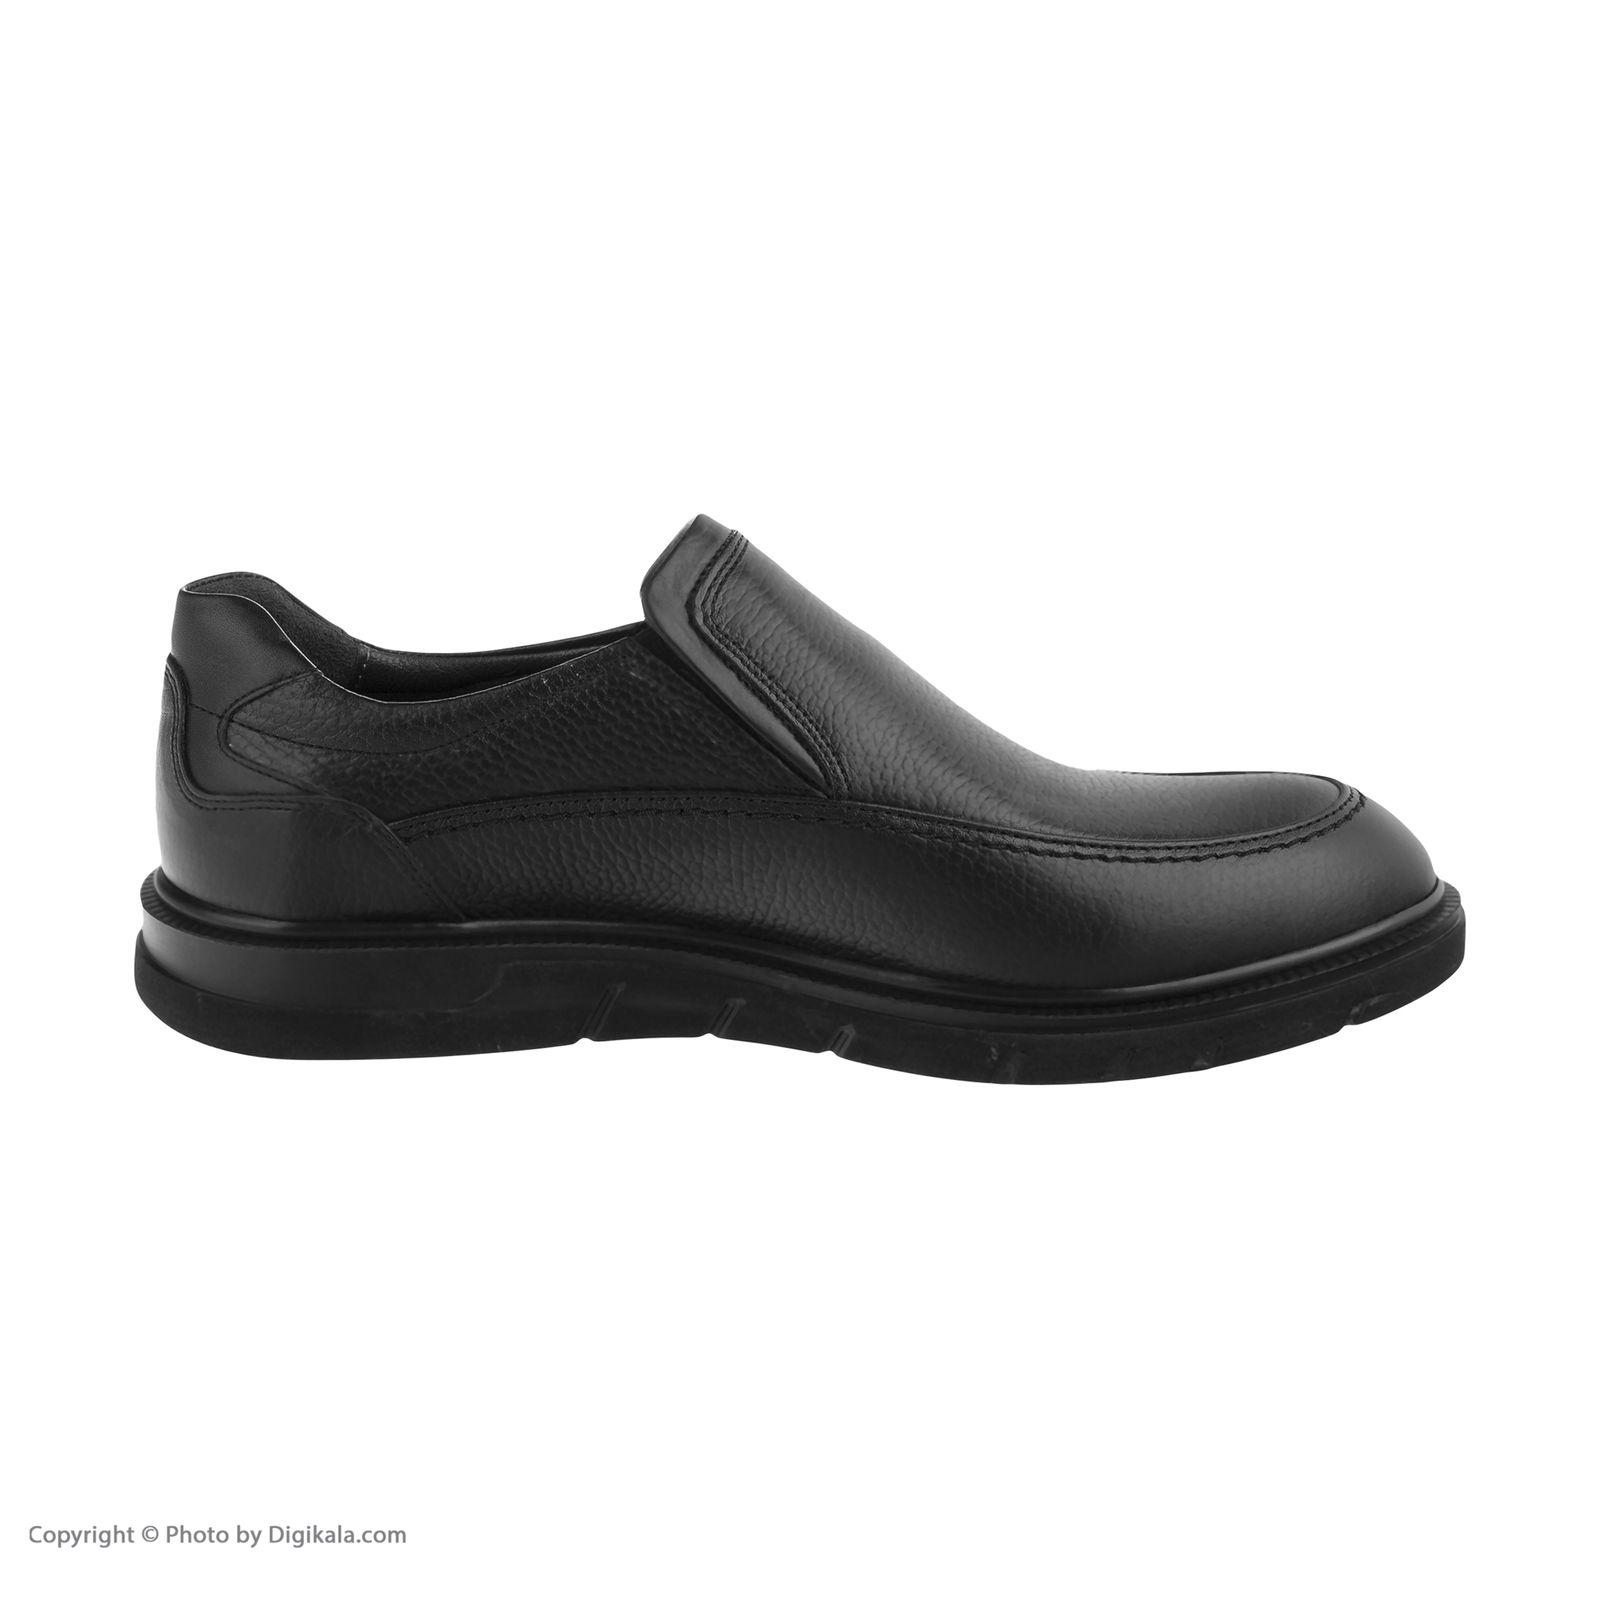 کفش روزمره مردانه سوته مدل 5018A503101 -  - 6